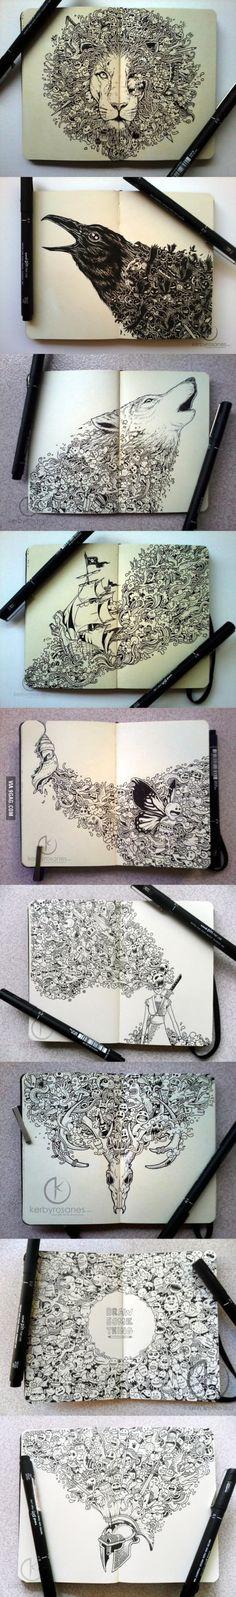 Incredible Moleskin drawings